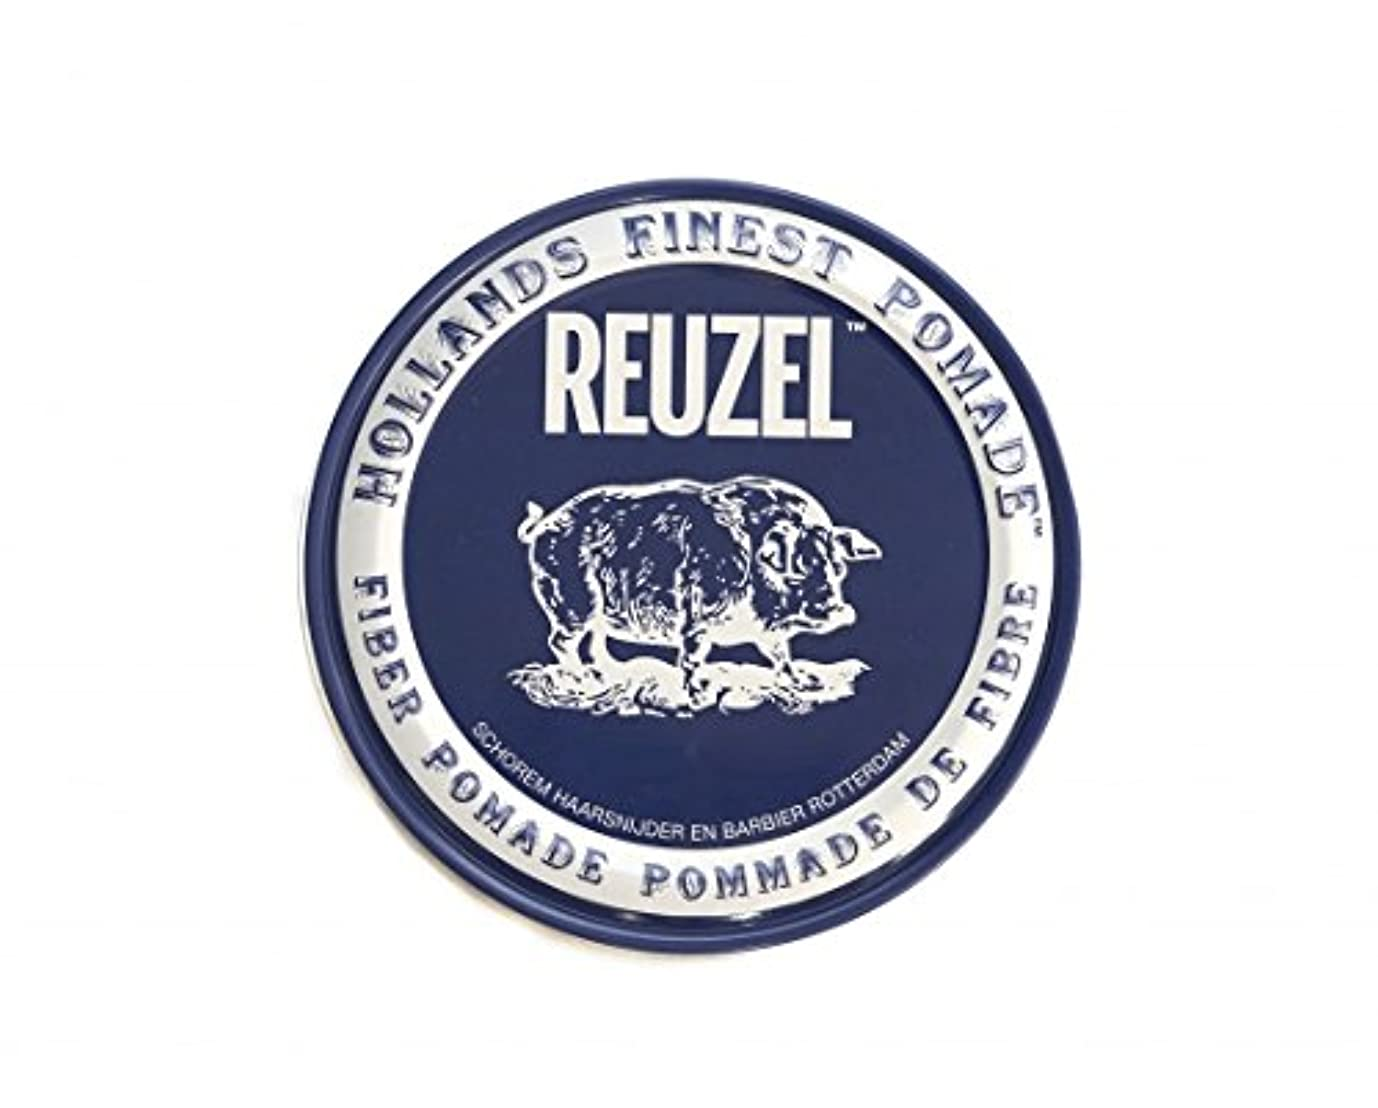 よろめくぬるいビートルーゾー REUZEL FIBER ファイバー ポマード ネイビー 340g